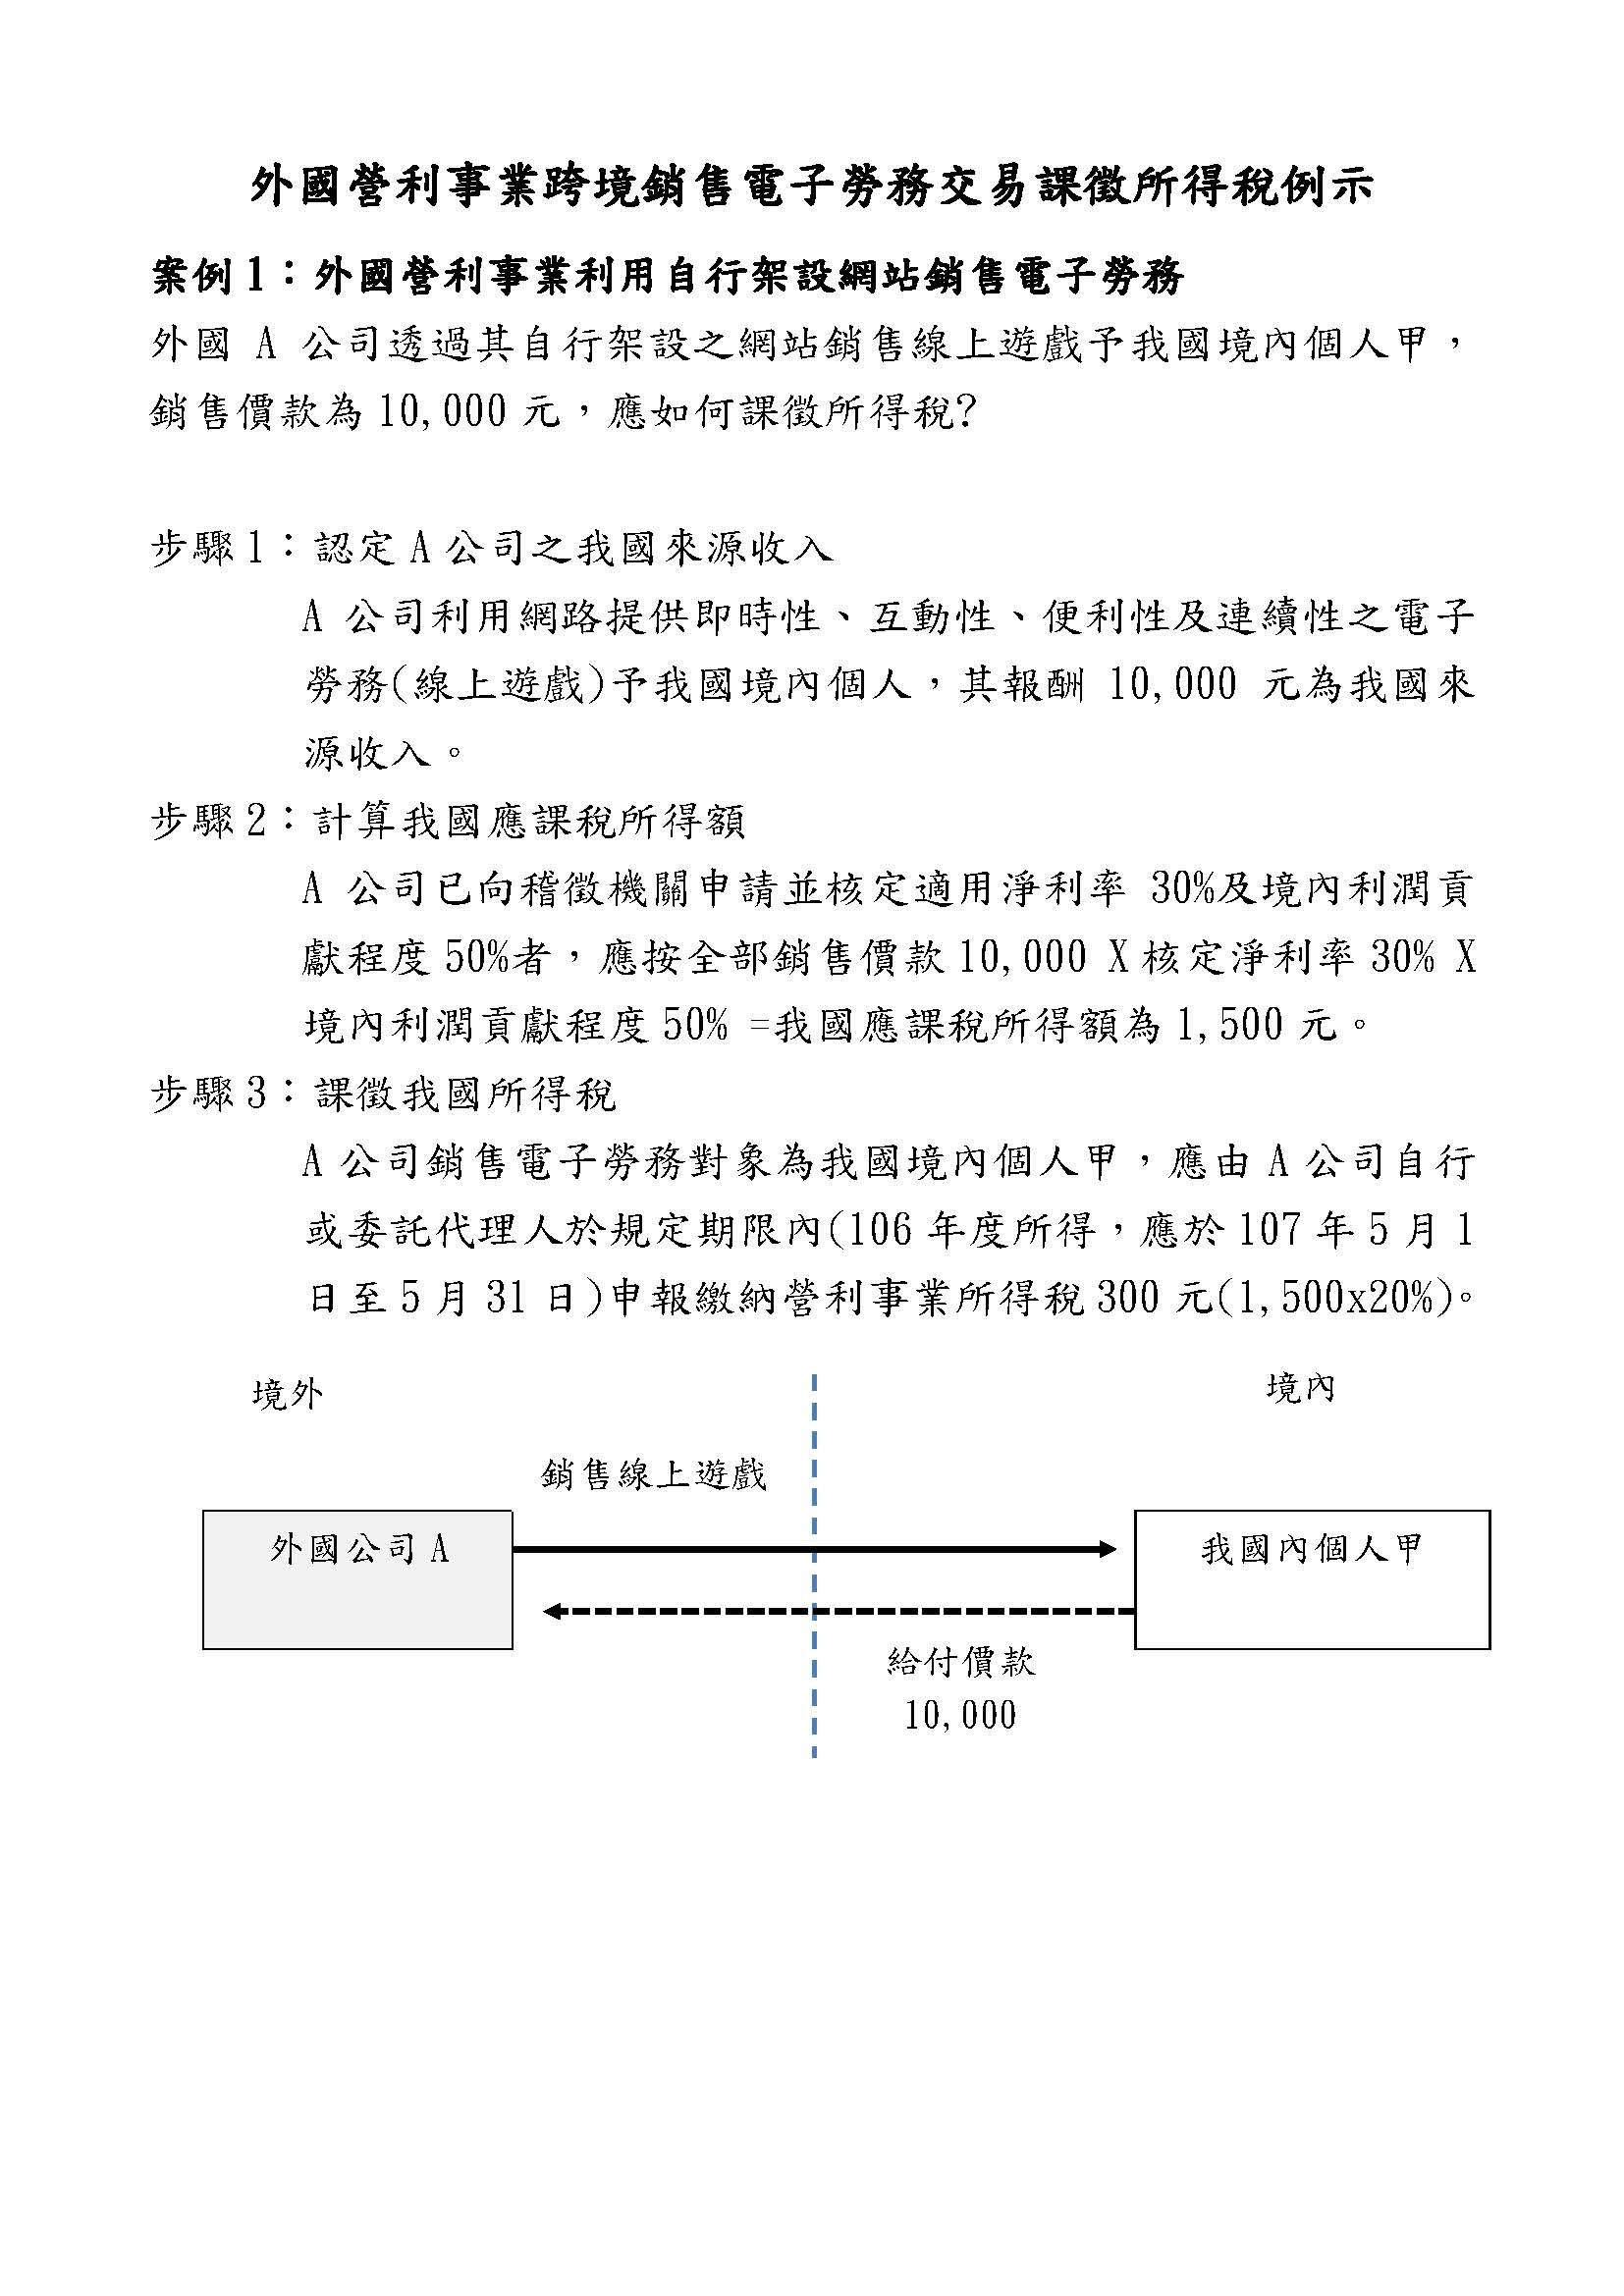 「跨境電商」同業利潤標準淨利率為「30% 」~ 財政部將於近日發布外國營利事業「跨境銷售電子勞務課徵 ...